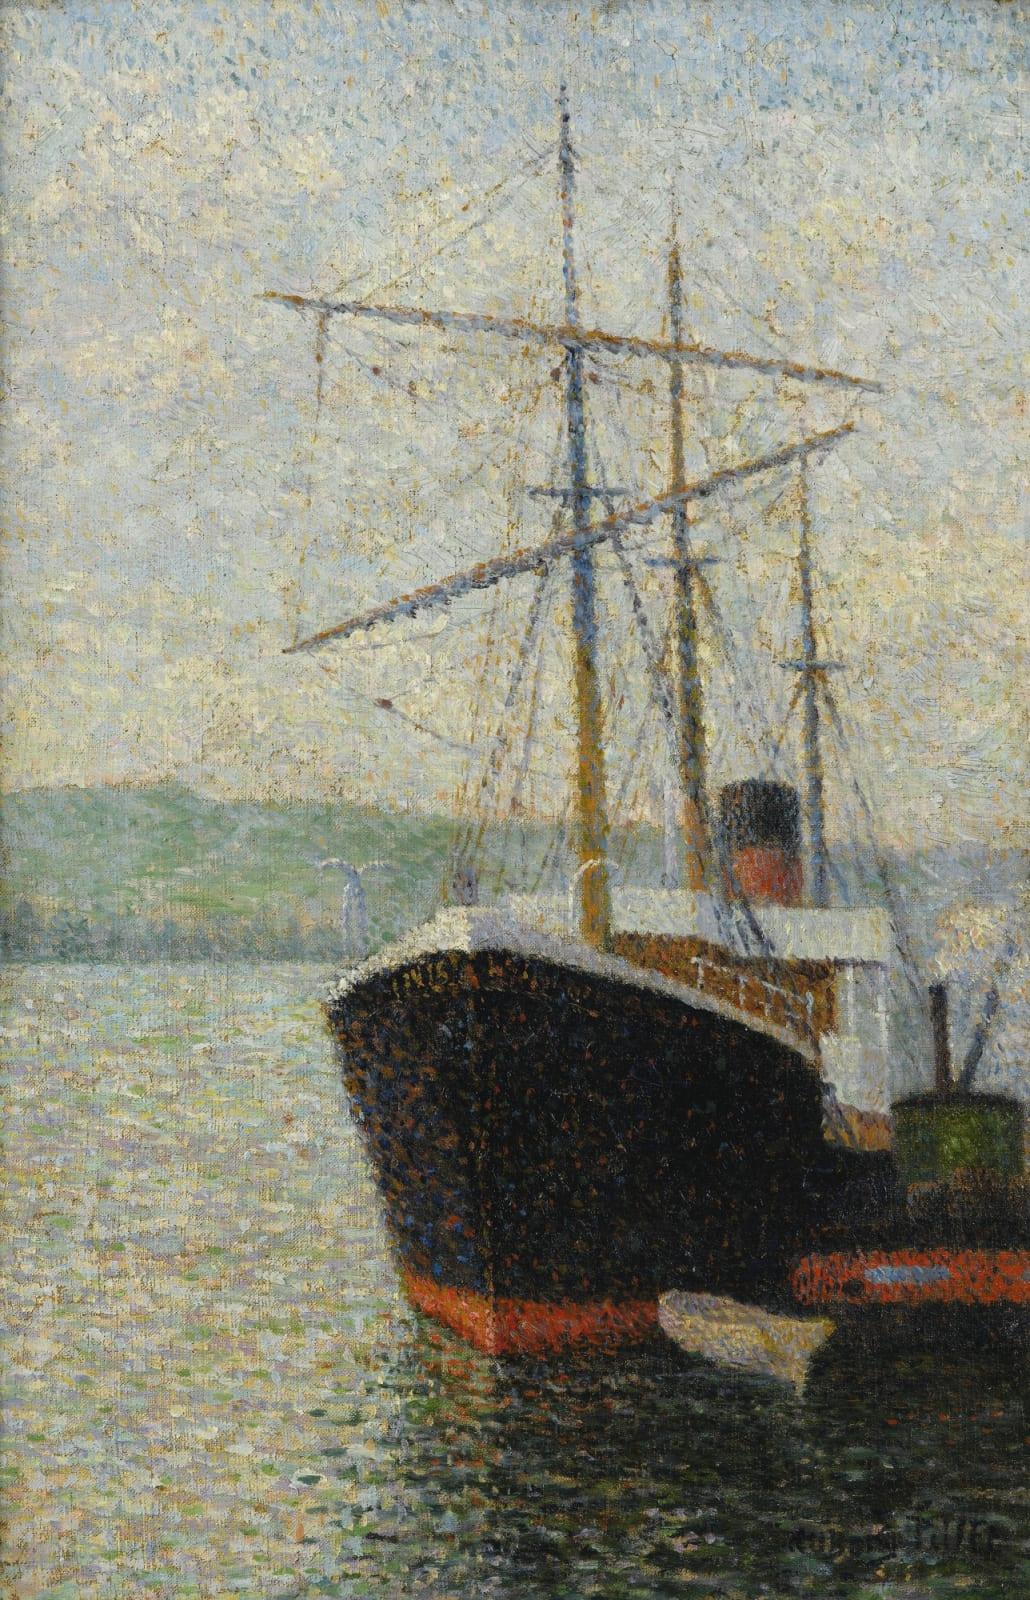 ALBERT DUBOIS-PILLET, Trois-mâts à quai, 1886